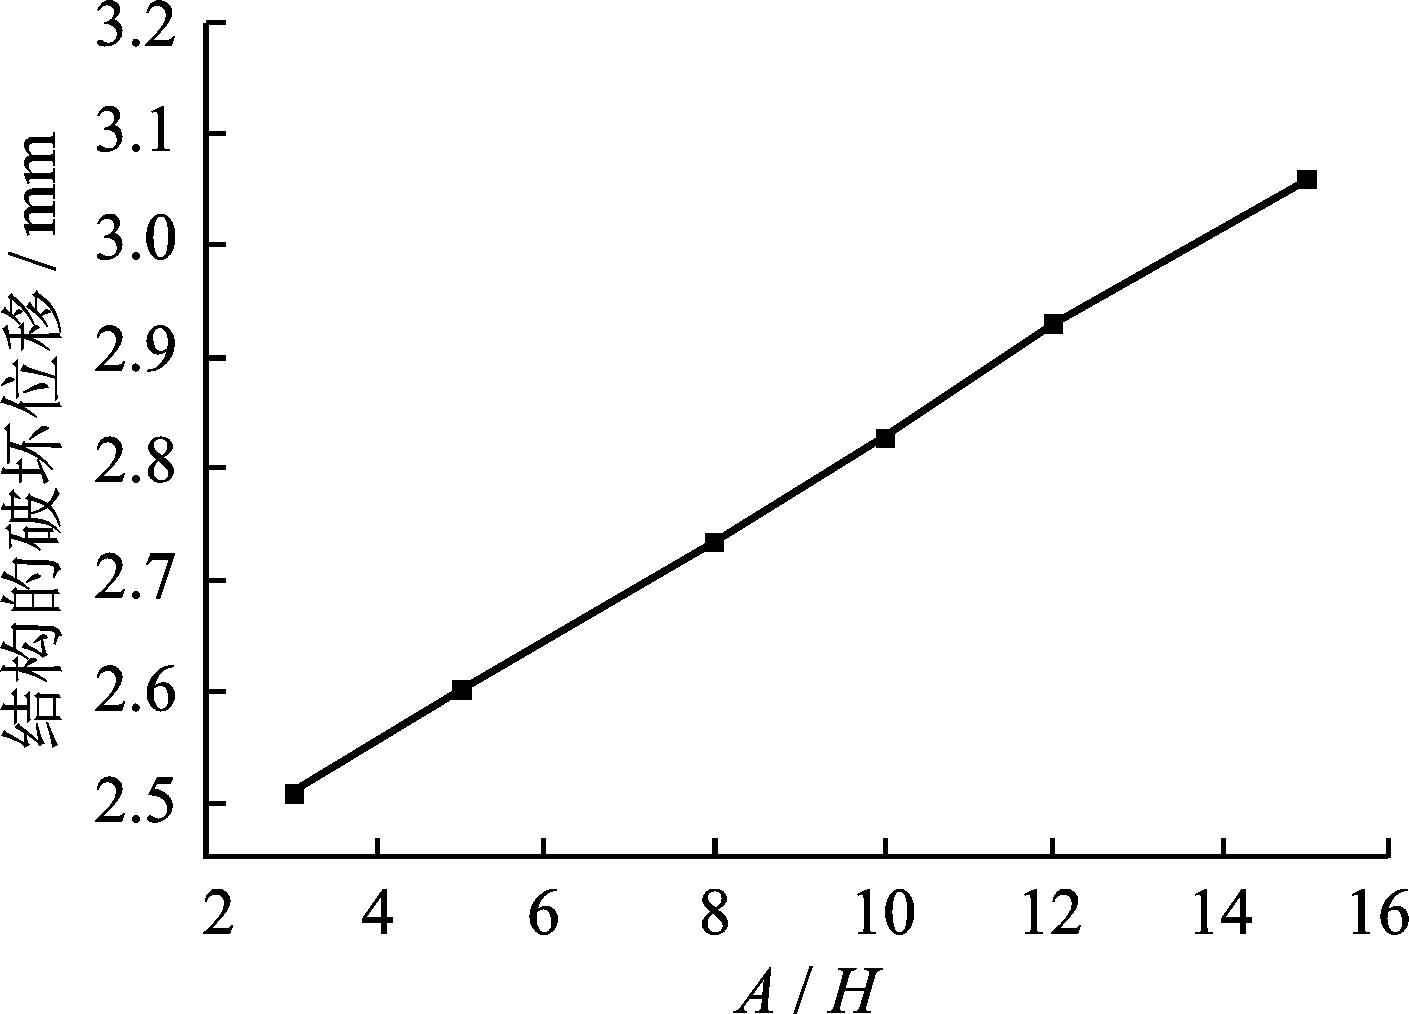 图14 结构的破坏位移随a/h值的变化趋势图